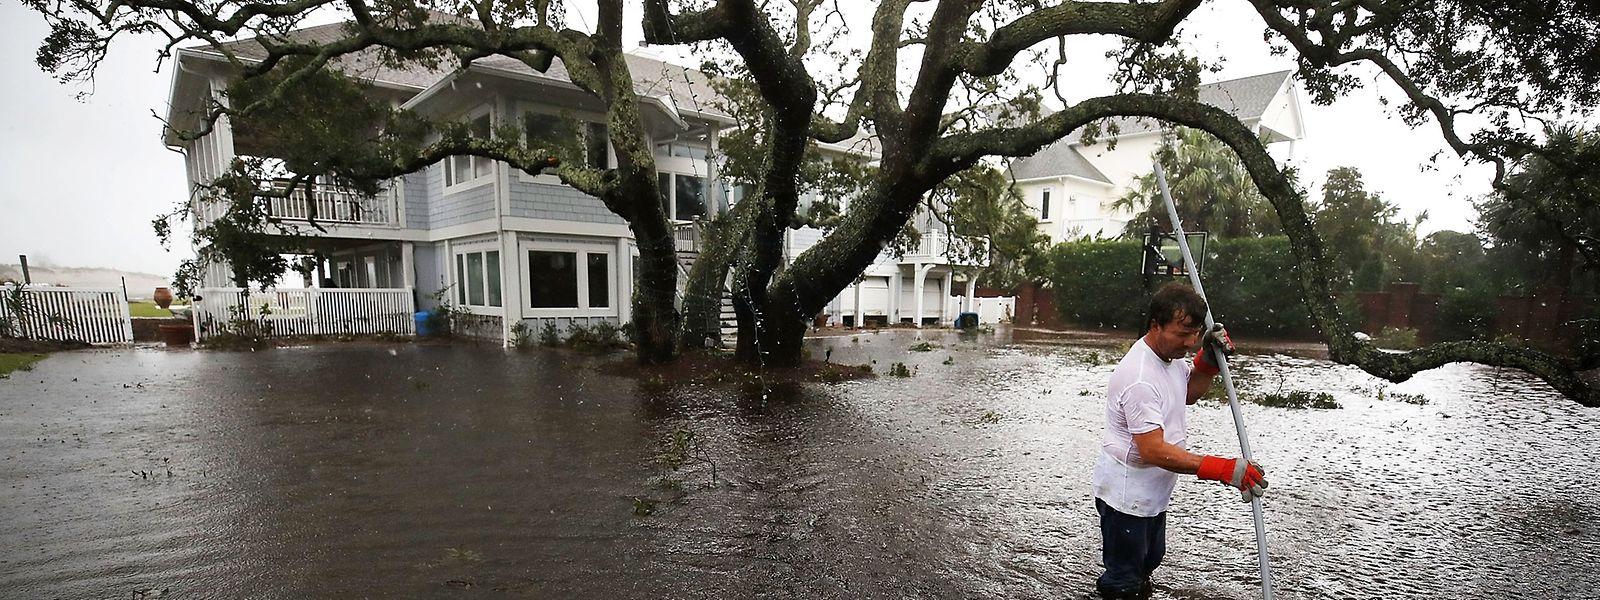 Gärten, hier in Wilmington (North Carolina), wurden komplett überschwemmt.